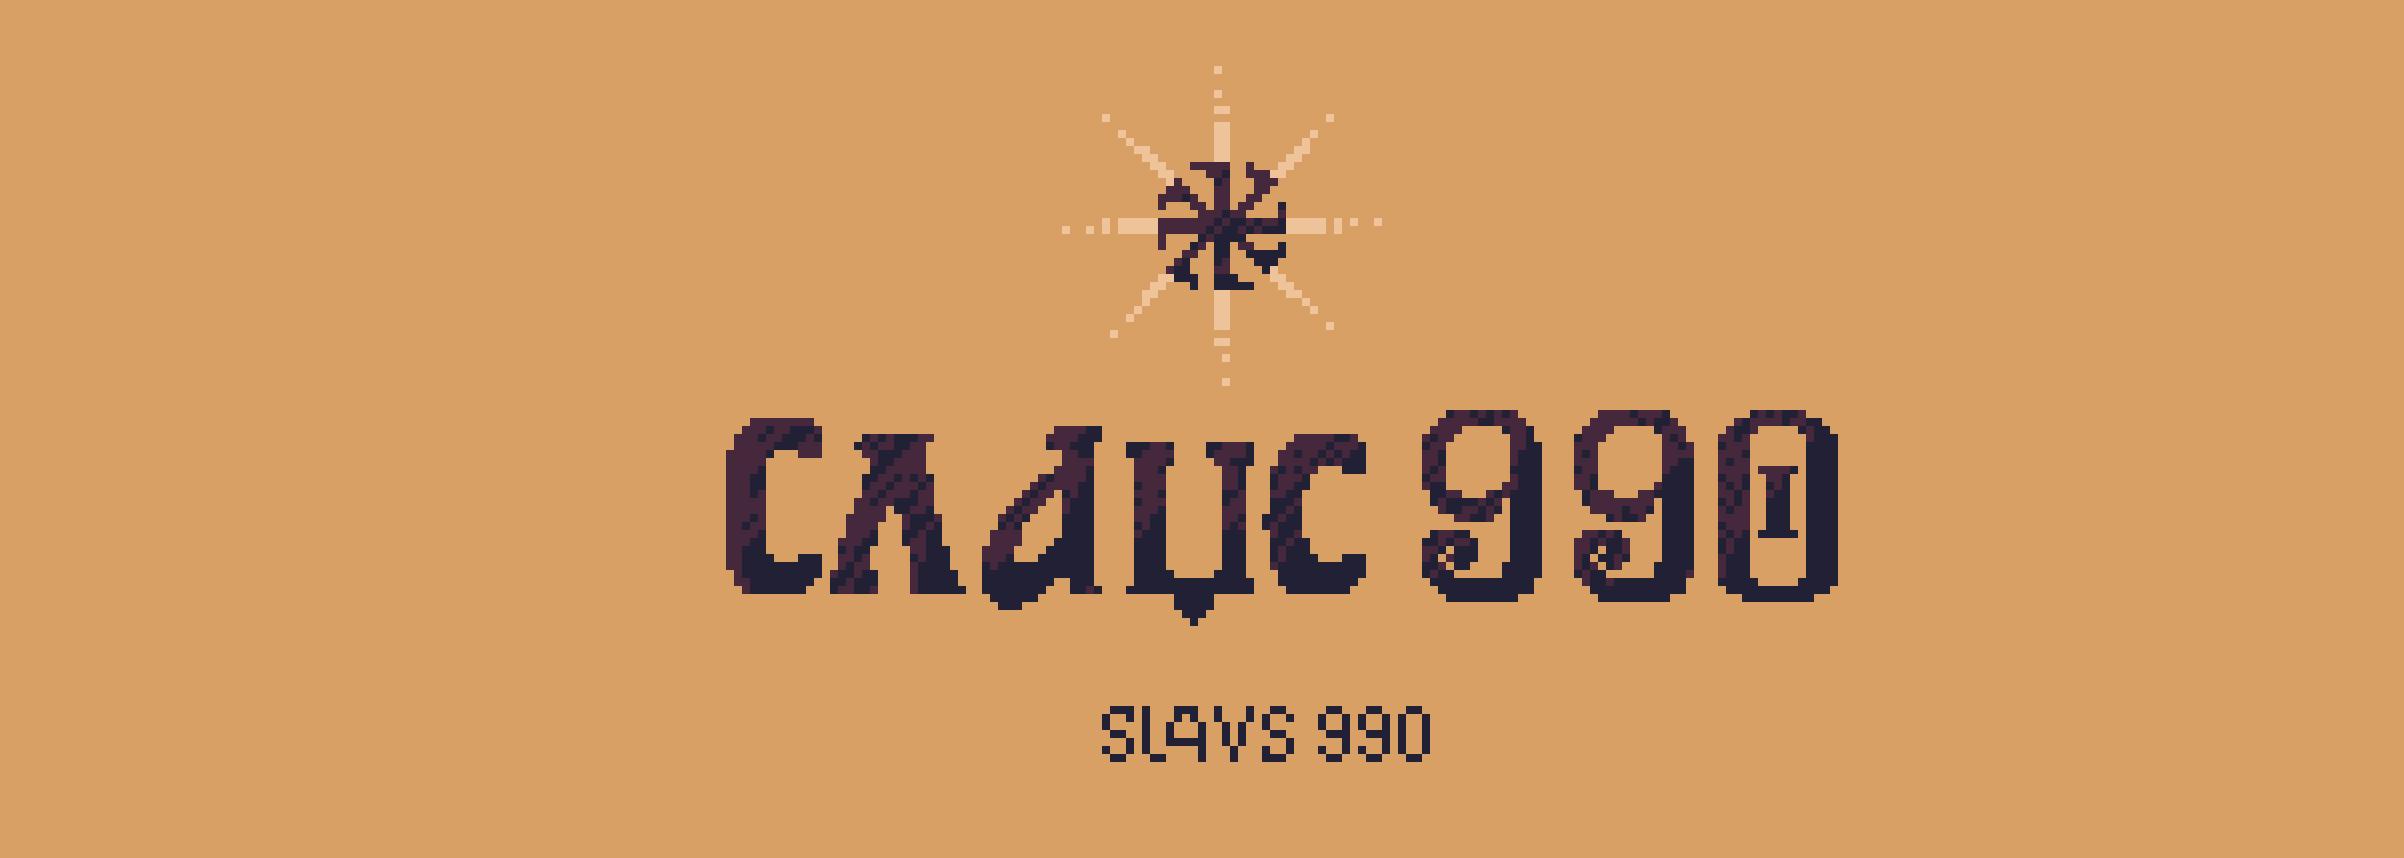 Slavs 990